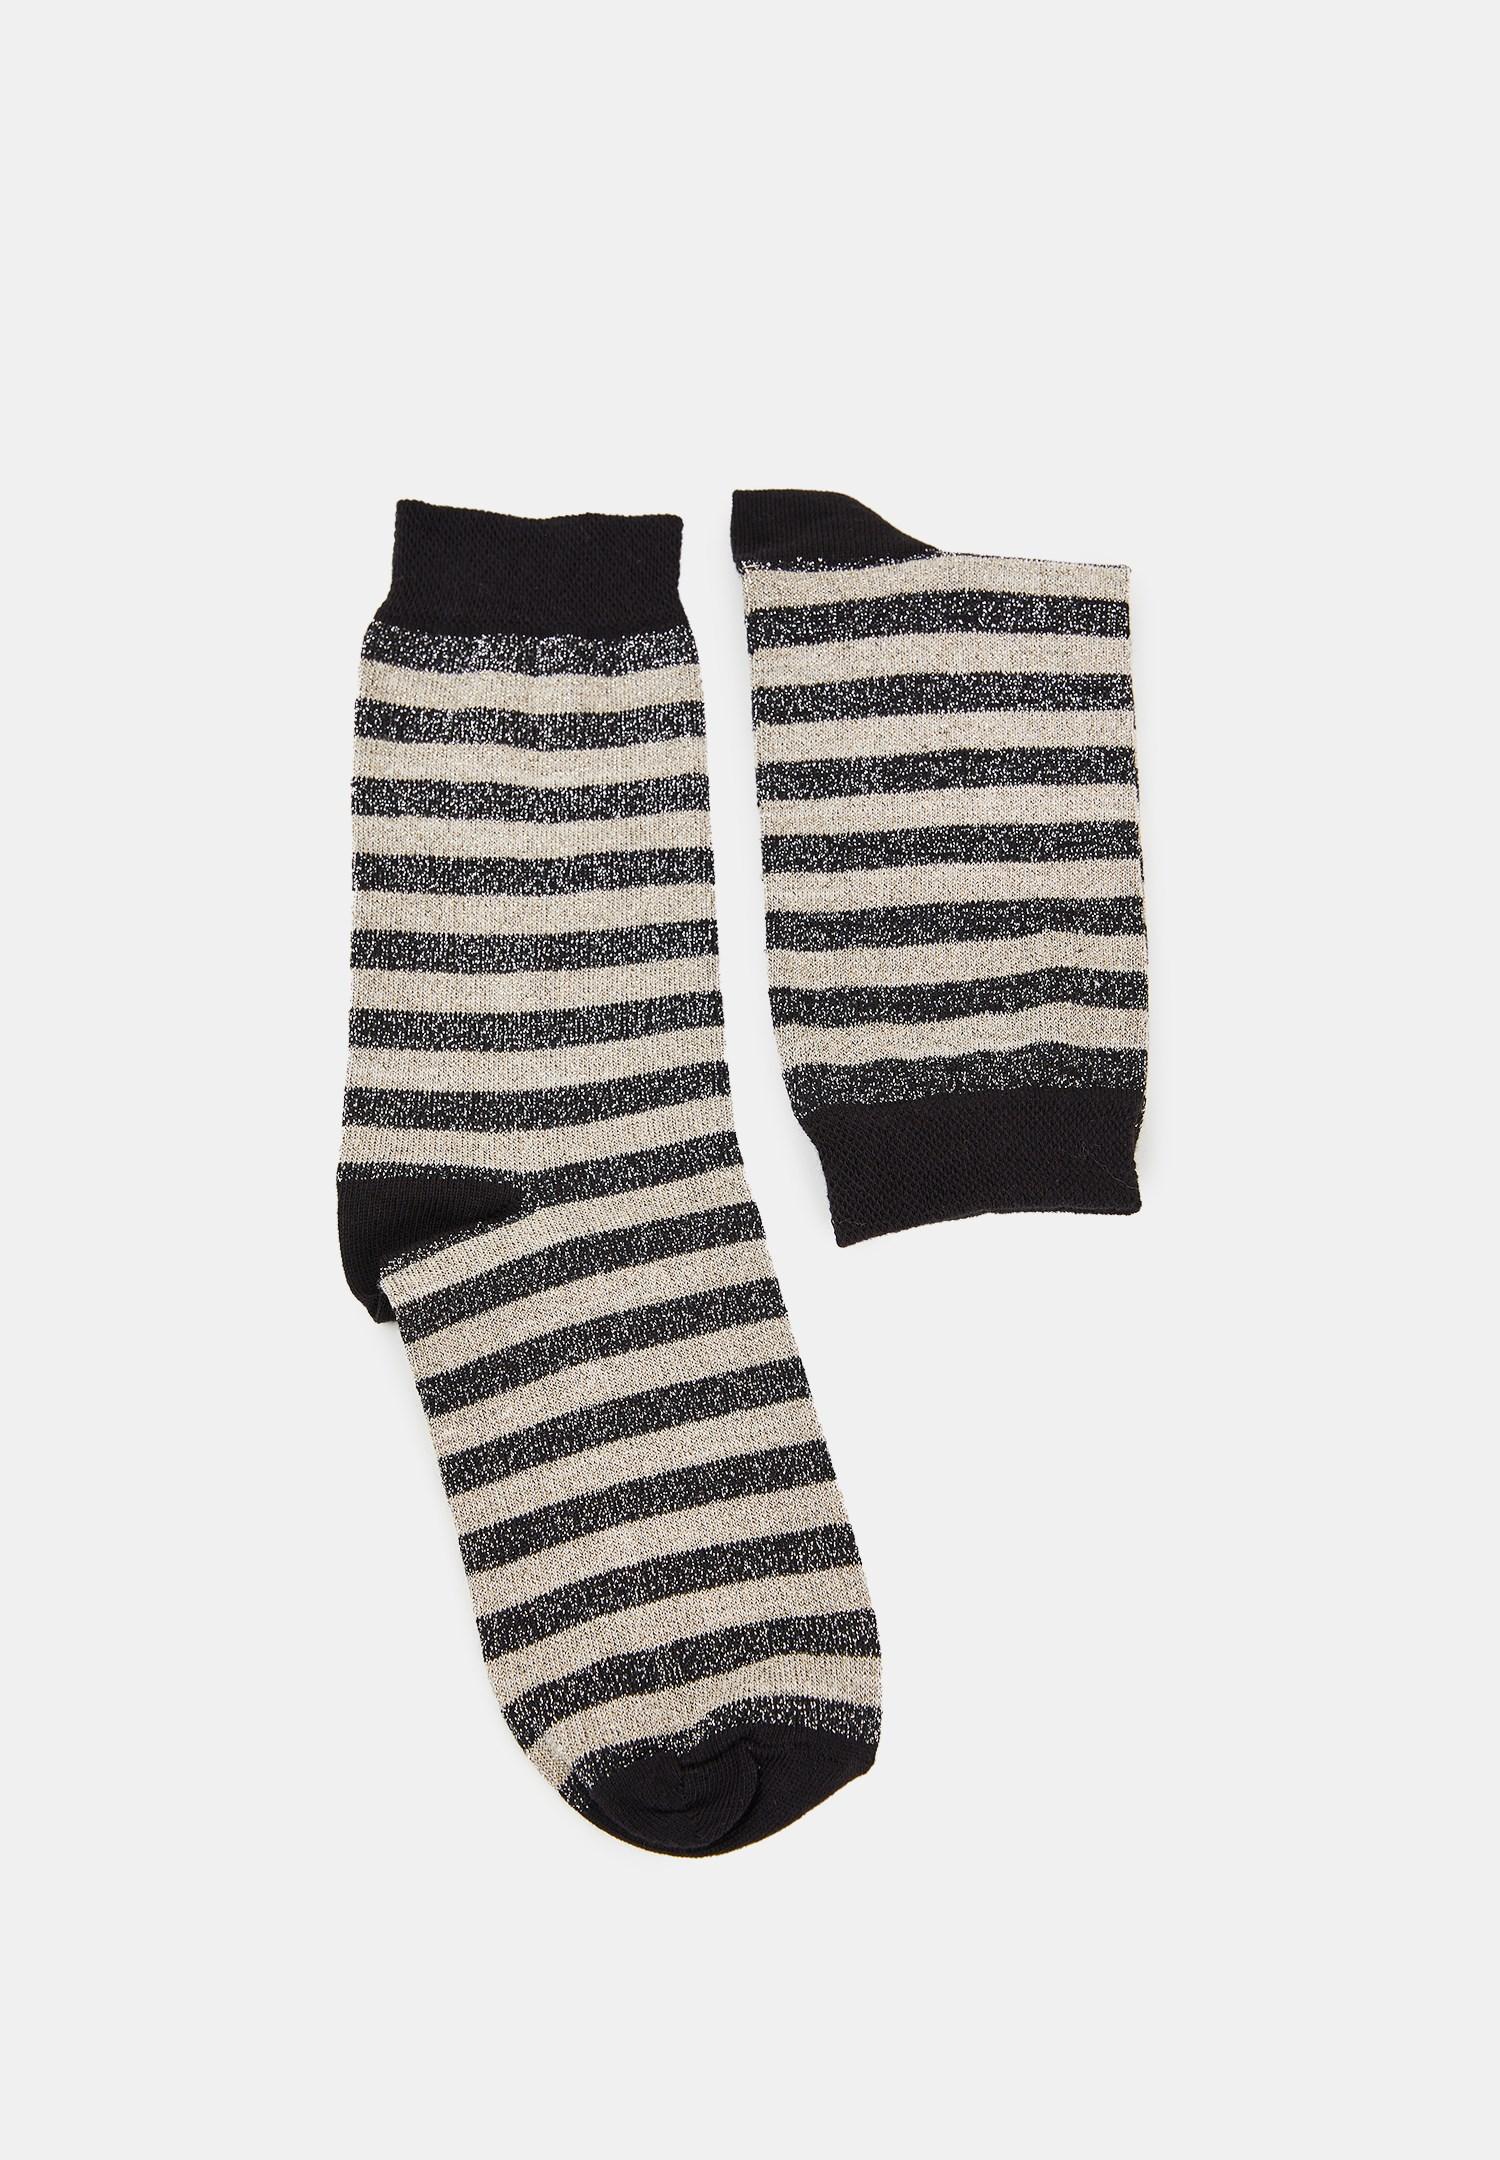 Bayan Çok Renkli Çizgili Parlak Çorap